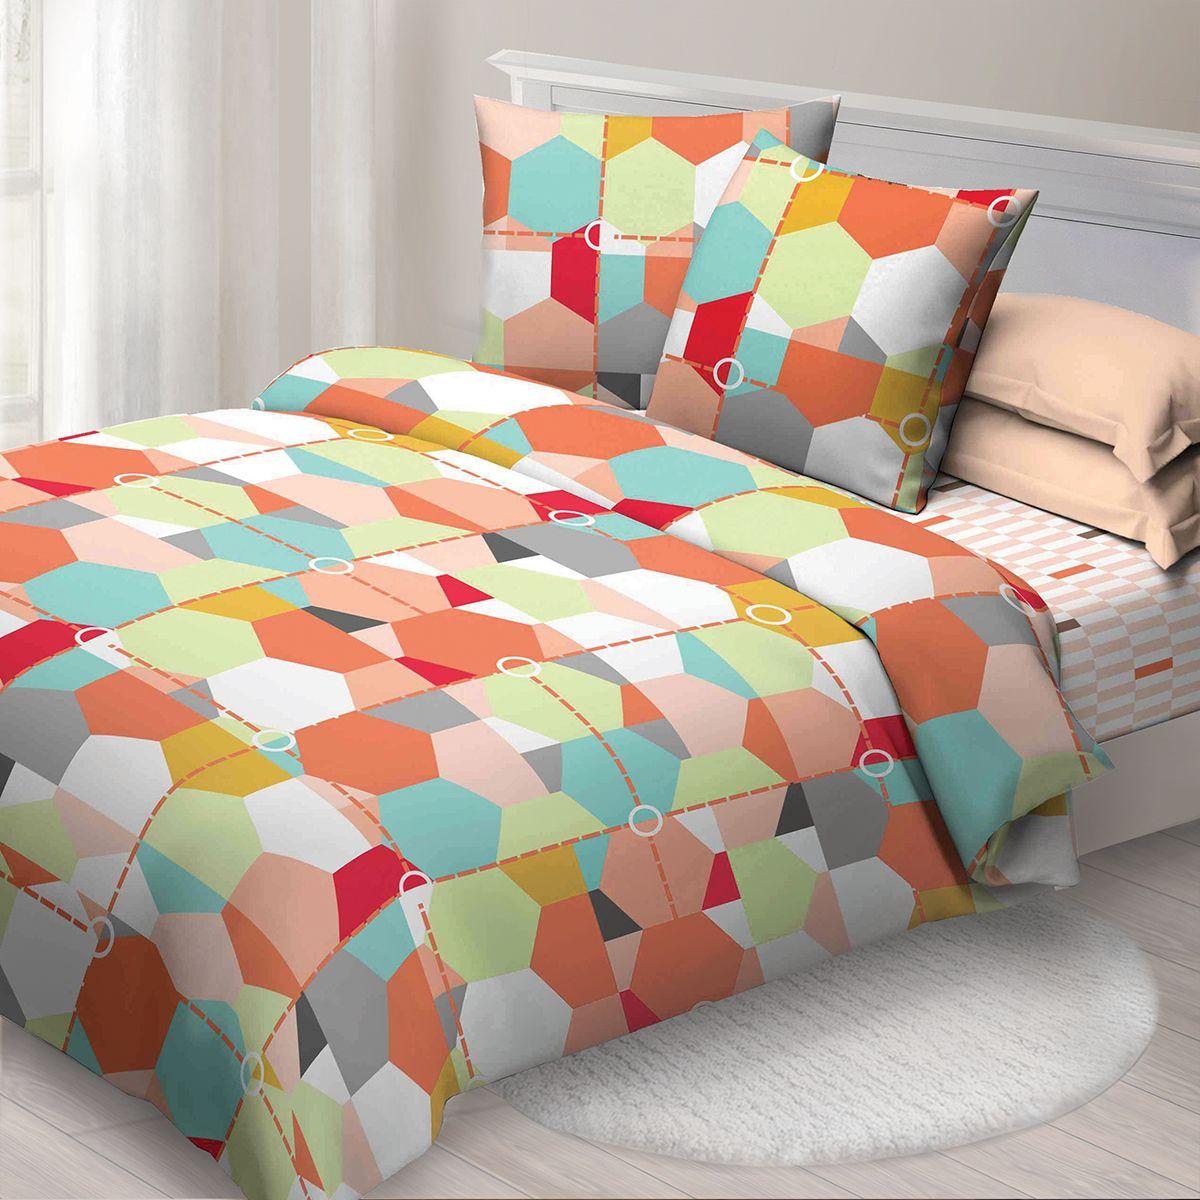 Комплект белья Спал Спалыч Карамель, 1,5 спальное, наволочки 70x70, цвет: бордовый. 4084-184184